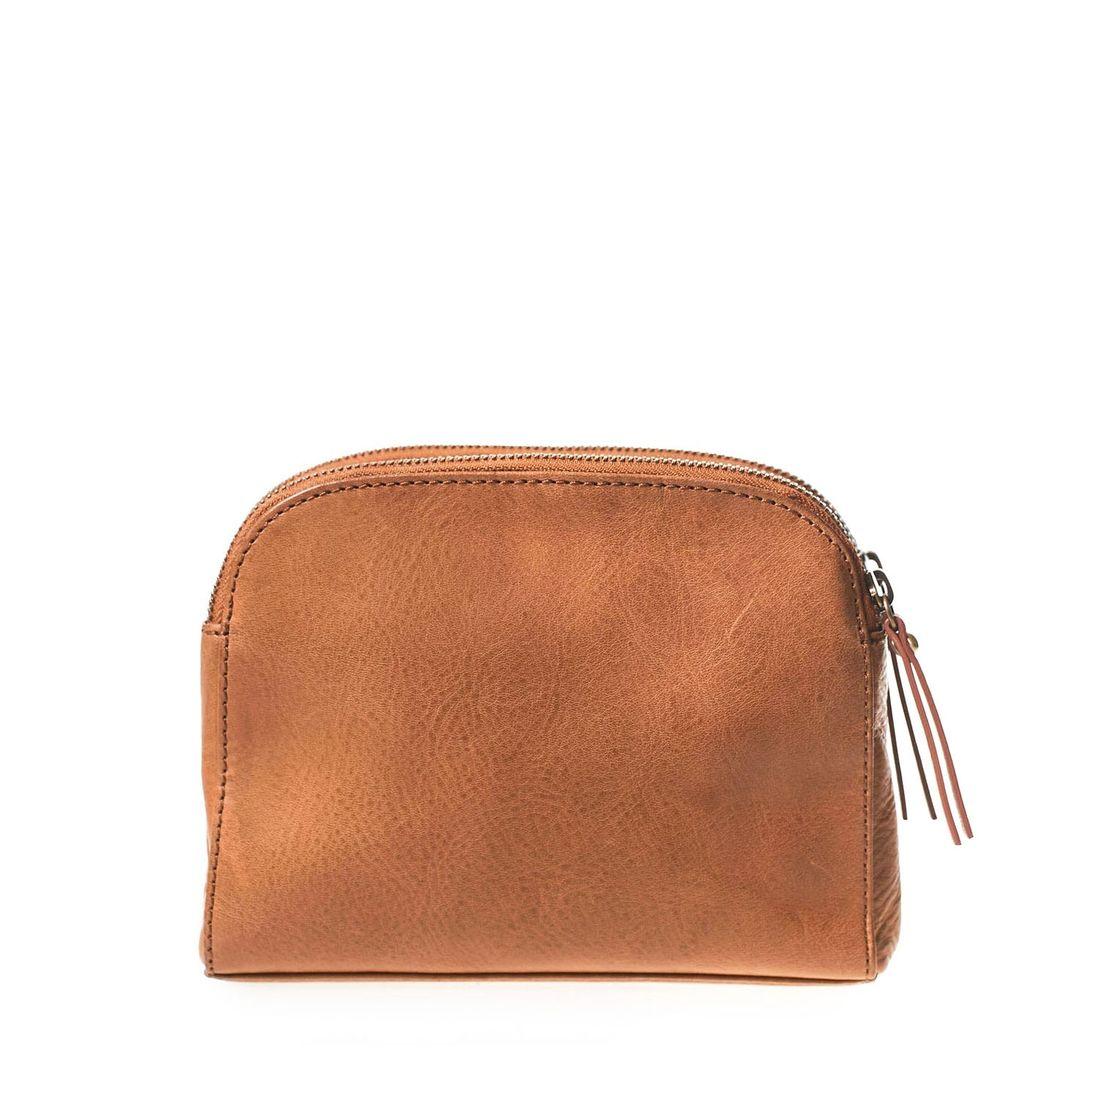 O My Bag Emily Eco Stromboli Camel-134339